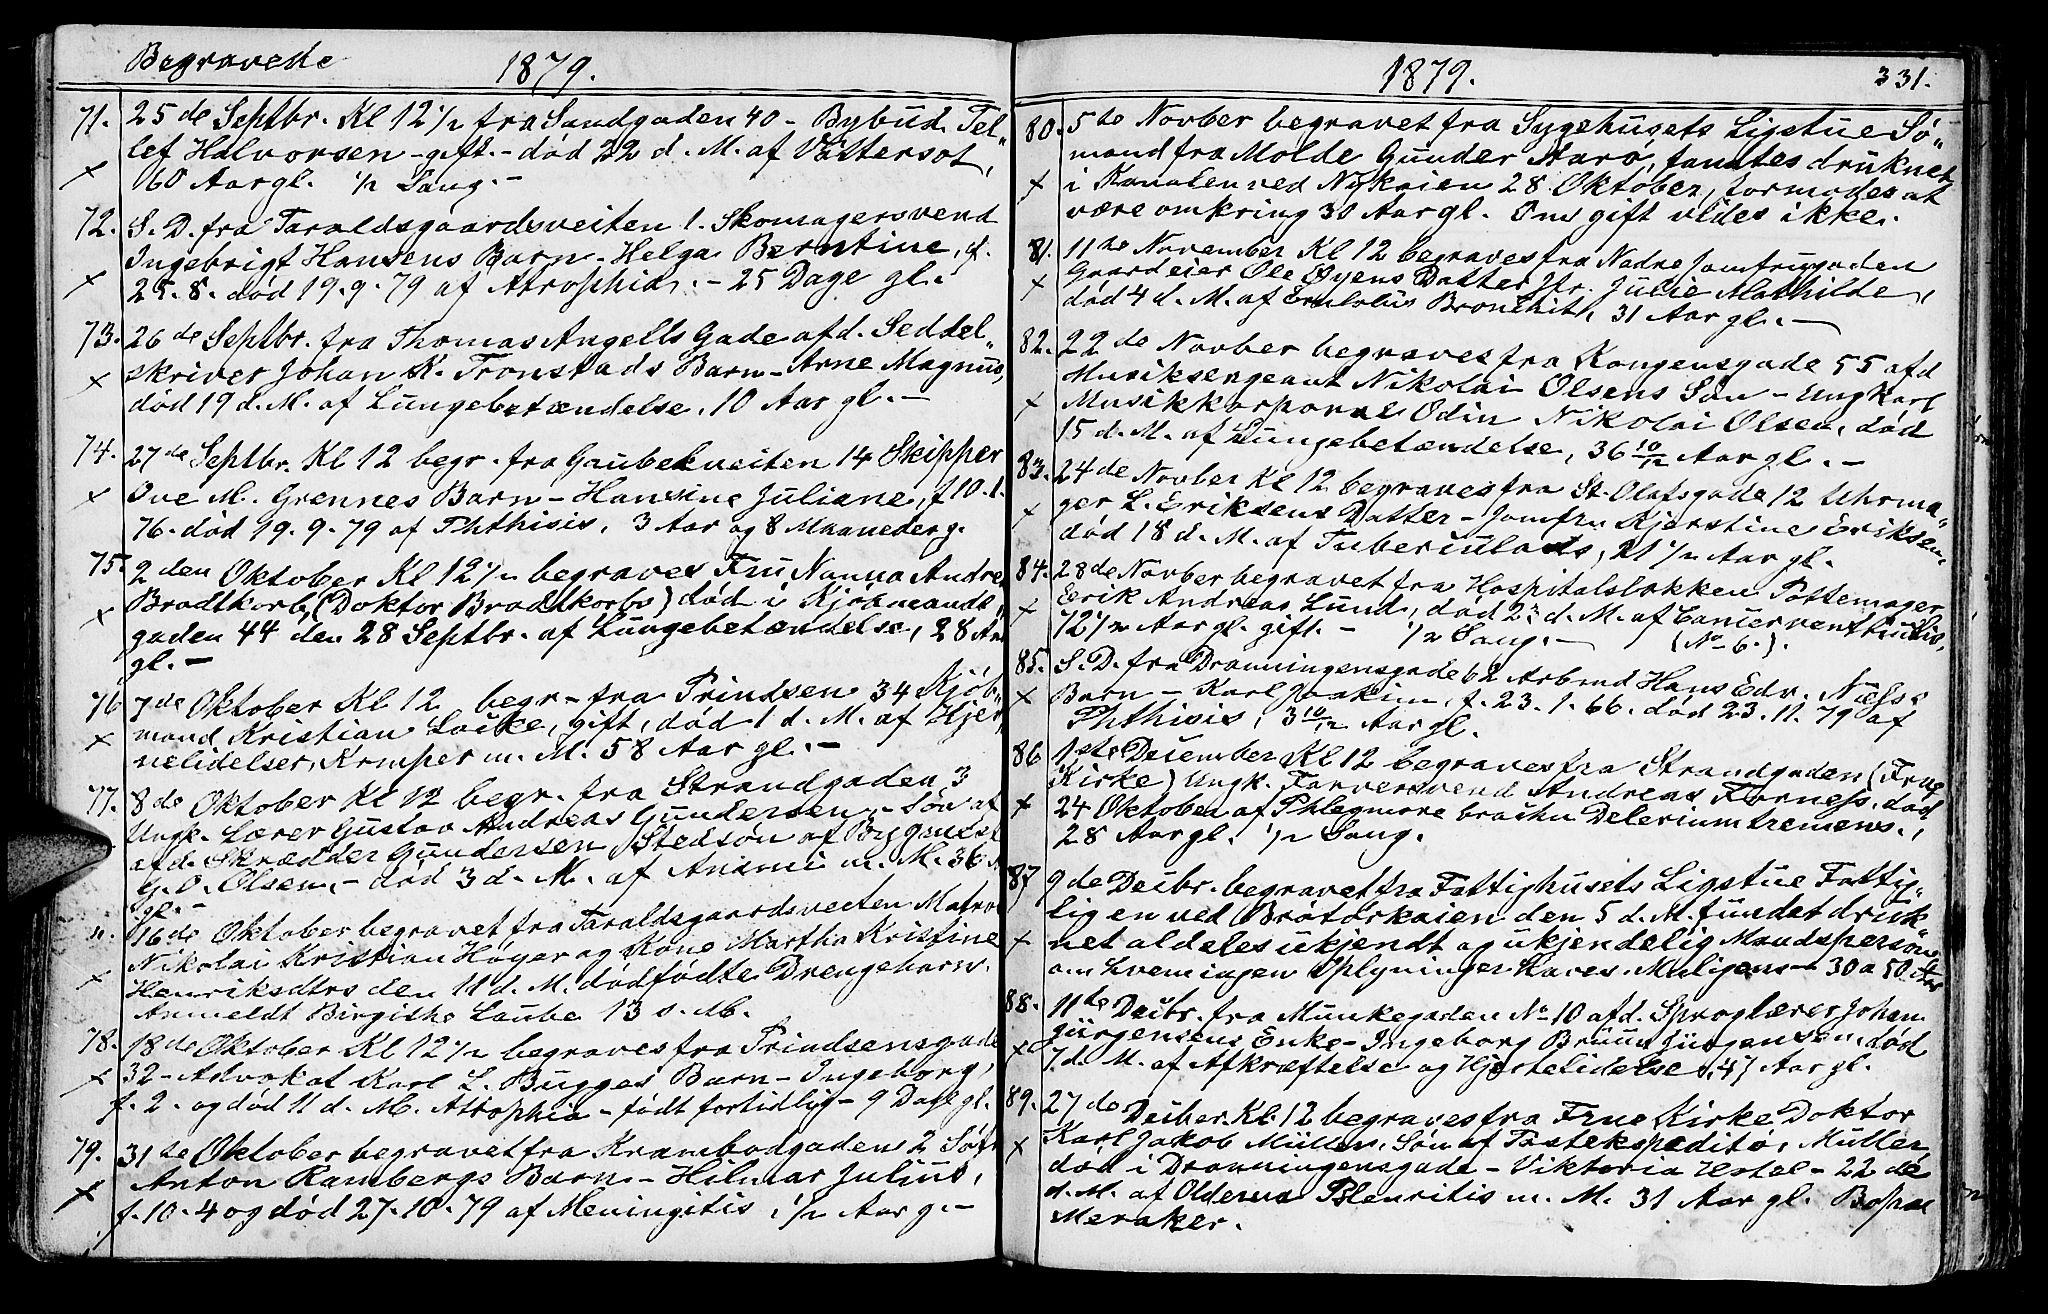 SAT, Ministerialprotokoller, klokkerbøker og fødselsregistre - Sør-Trøndelag, 602/L0142: Klokkerbok nr. 602C10, 1872-1894, s. 331